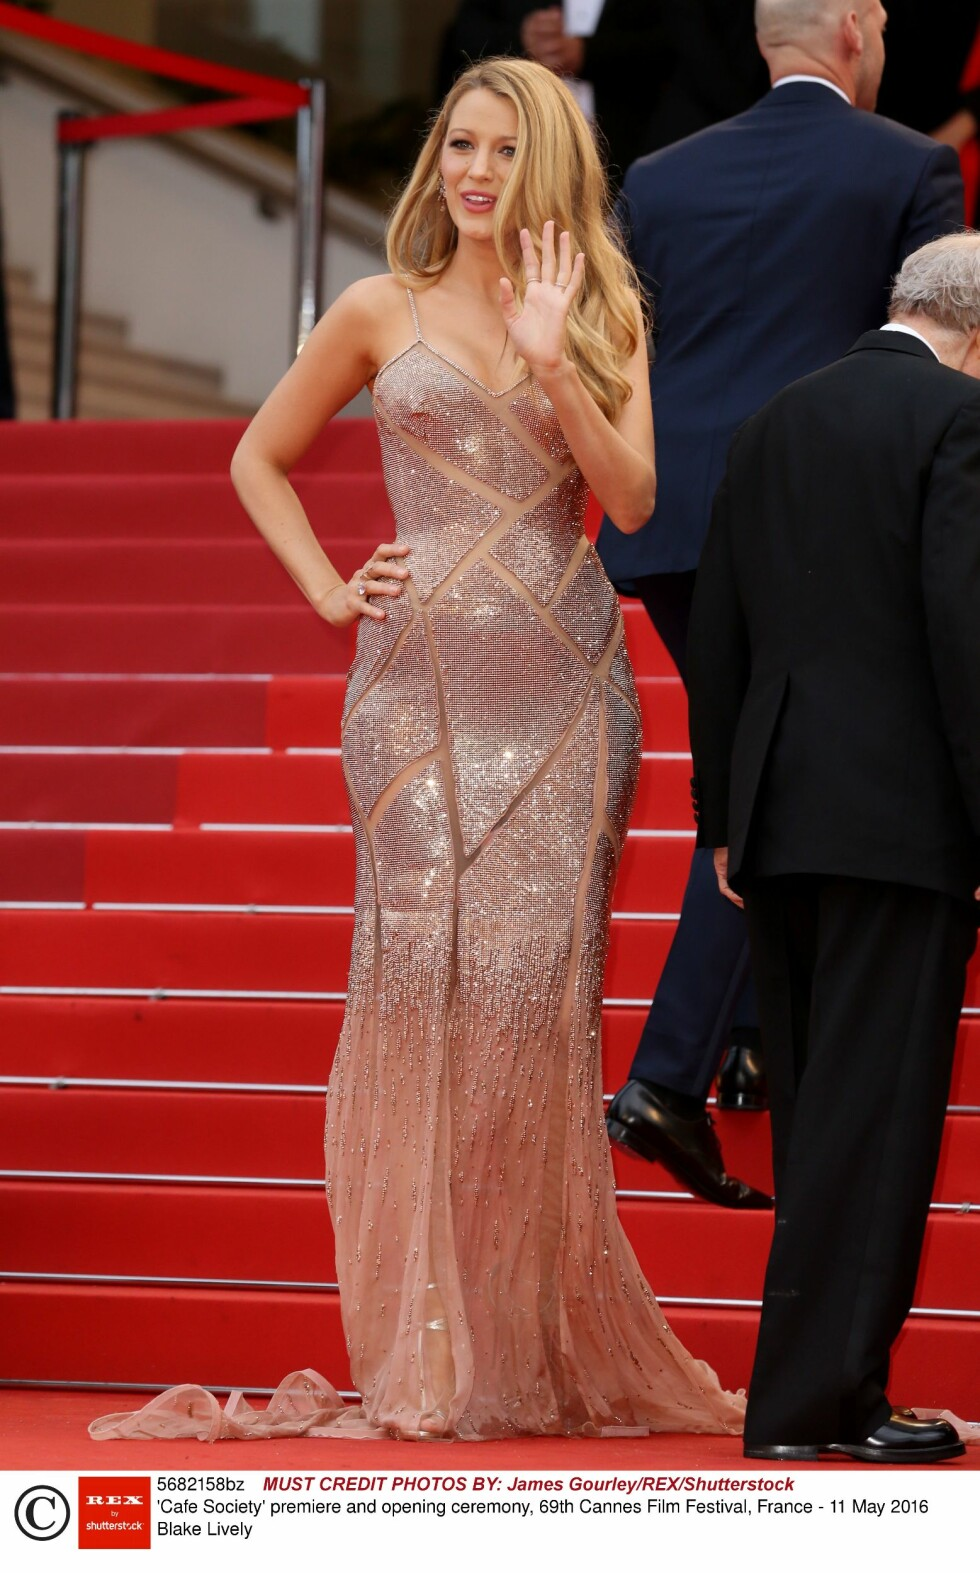 11. Da hun viste frem de fantastiske formene i denne tettsittende kjolen under åpningsseremonien i Cannes. Foto: NTB Scanpix